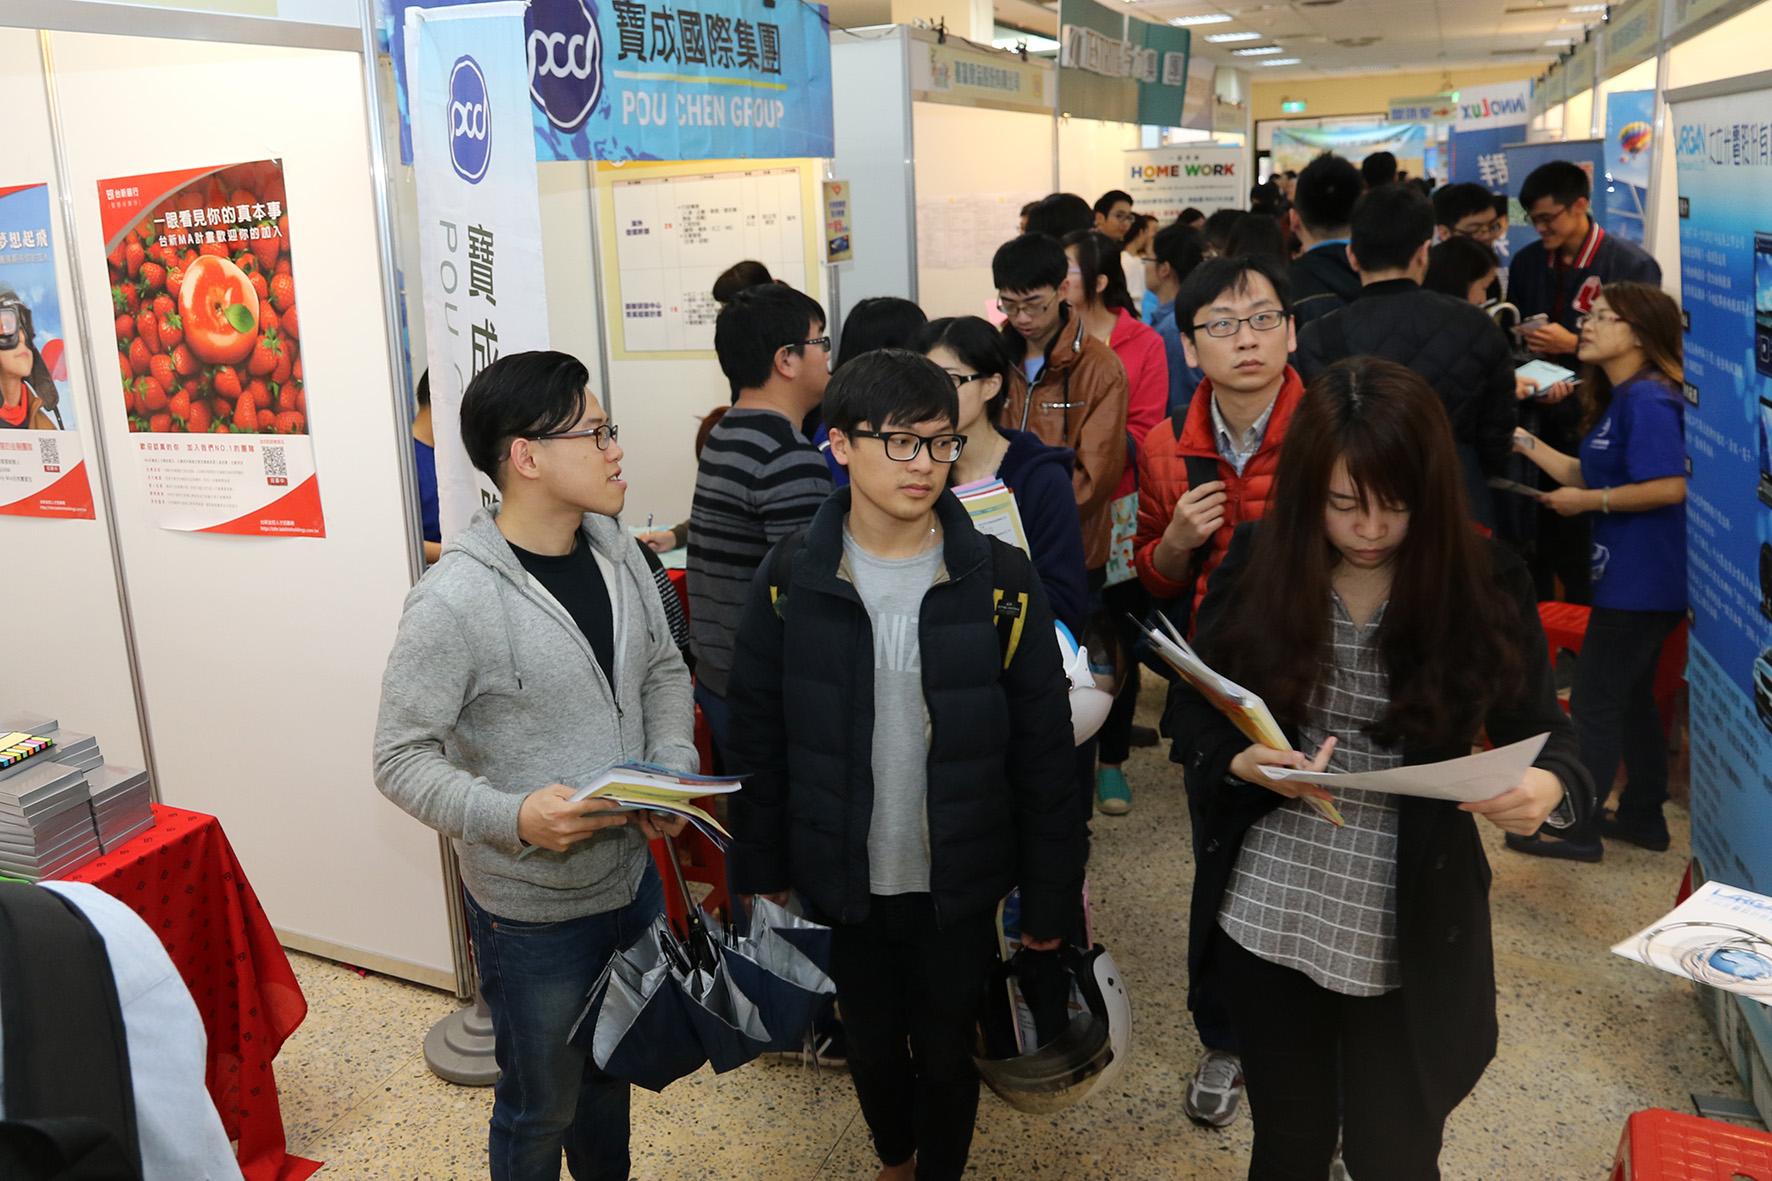 【媒體公關組】興大就業博覽會 七千個職缺徵才 - 國立中興大學(National Chung Hsing University)